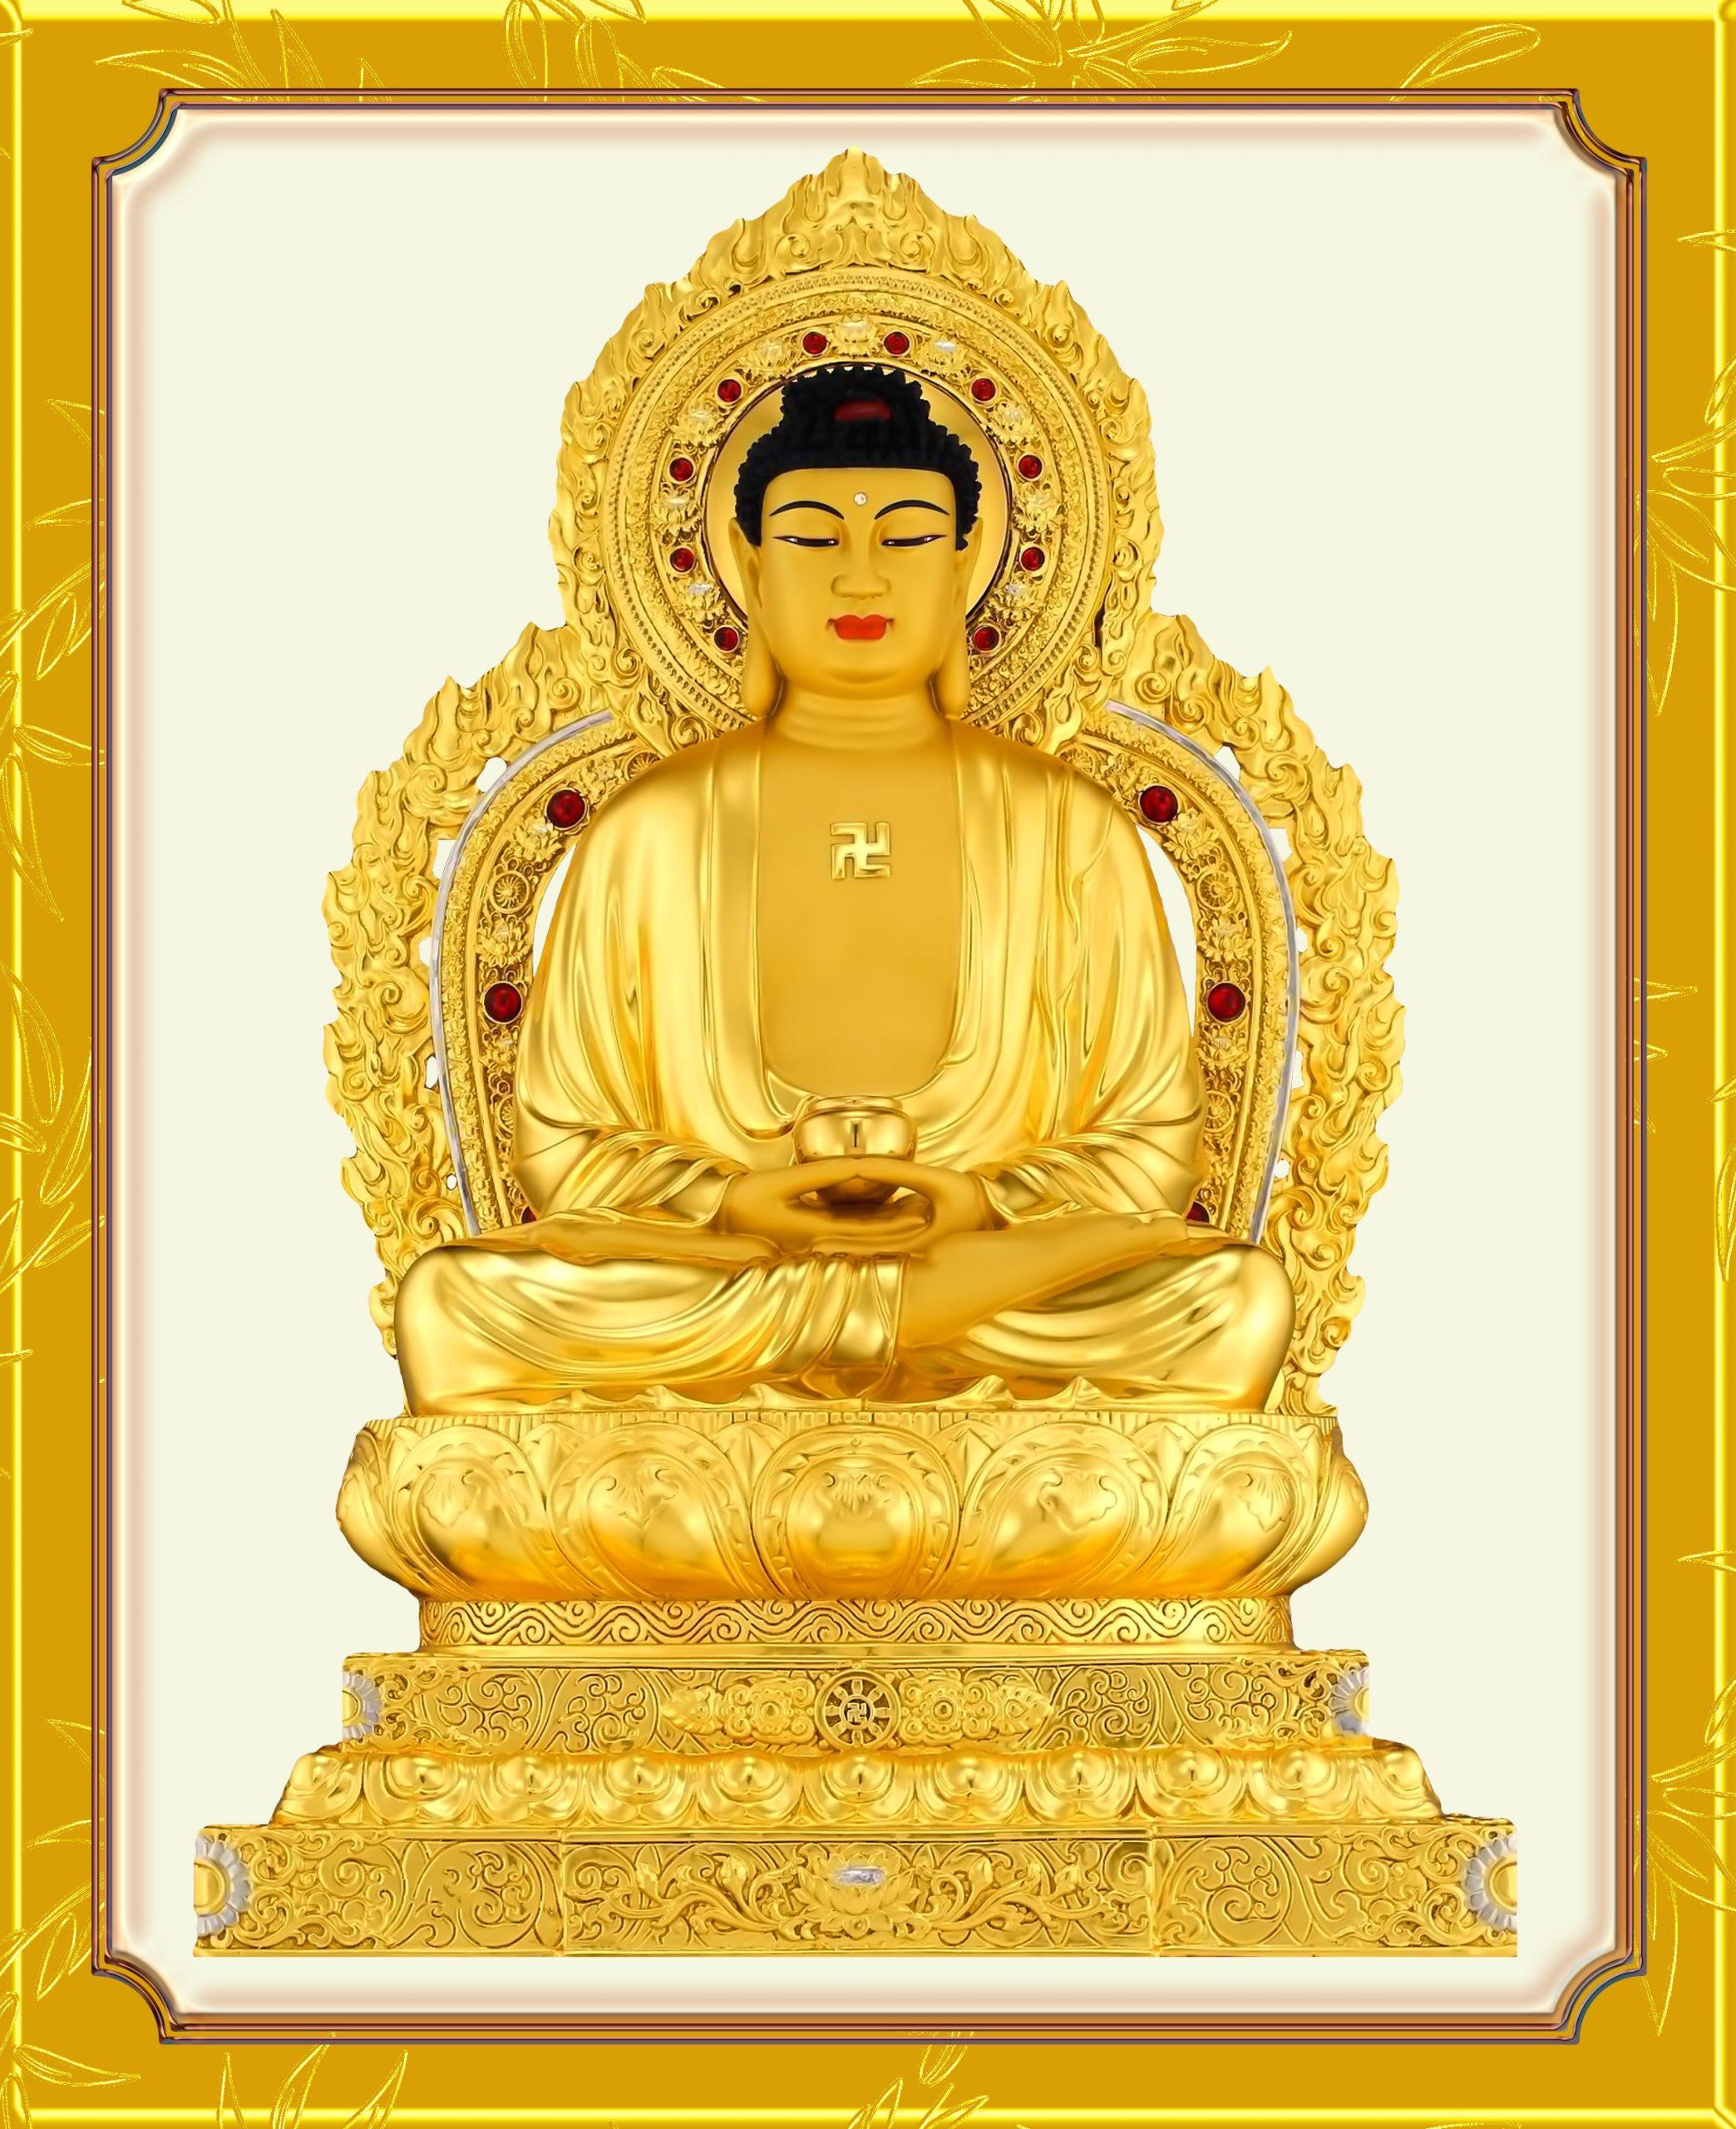 Điều gì dẫn đến sự giác ngộ của Phật thích ca